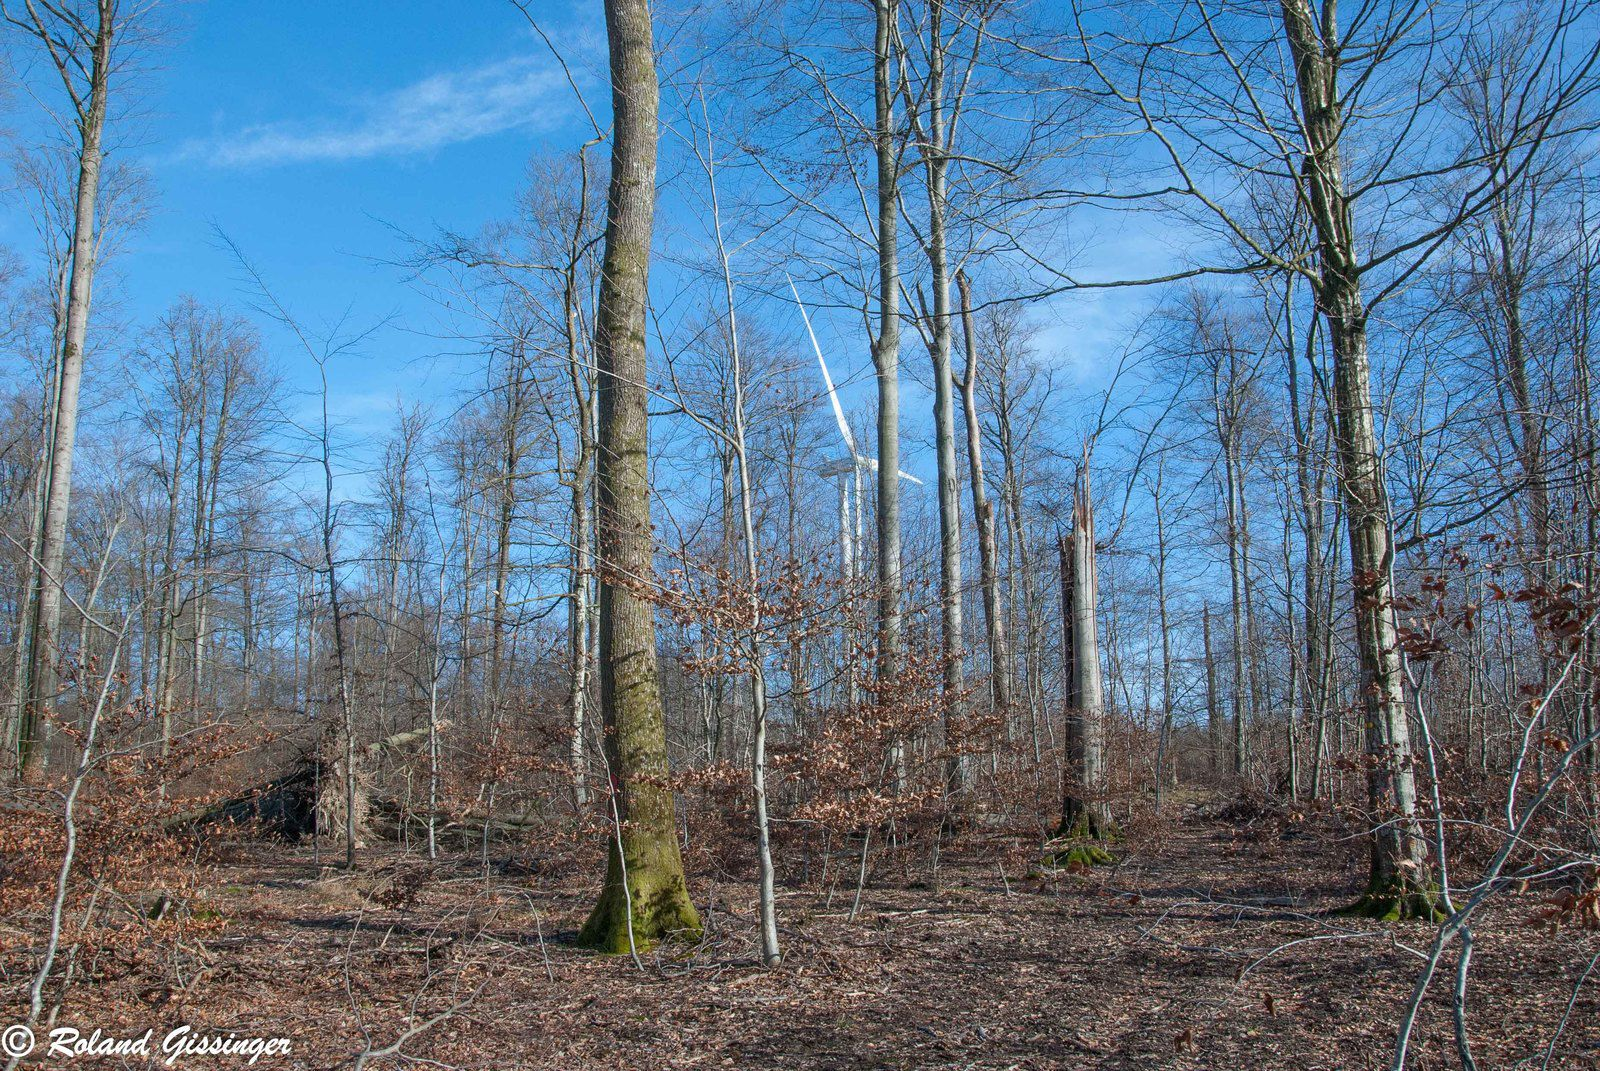 Dégâts liés au vent parc éolien de Herbitzheim février 2020